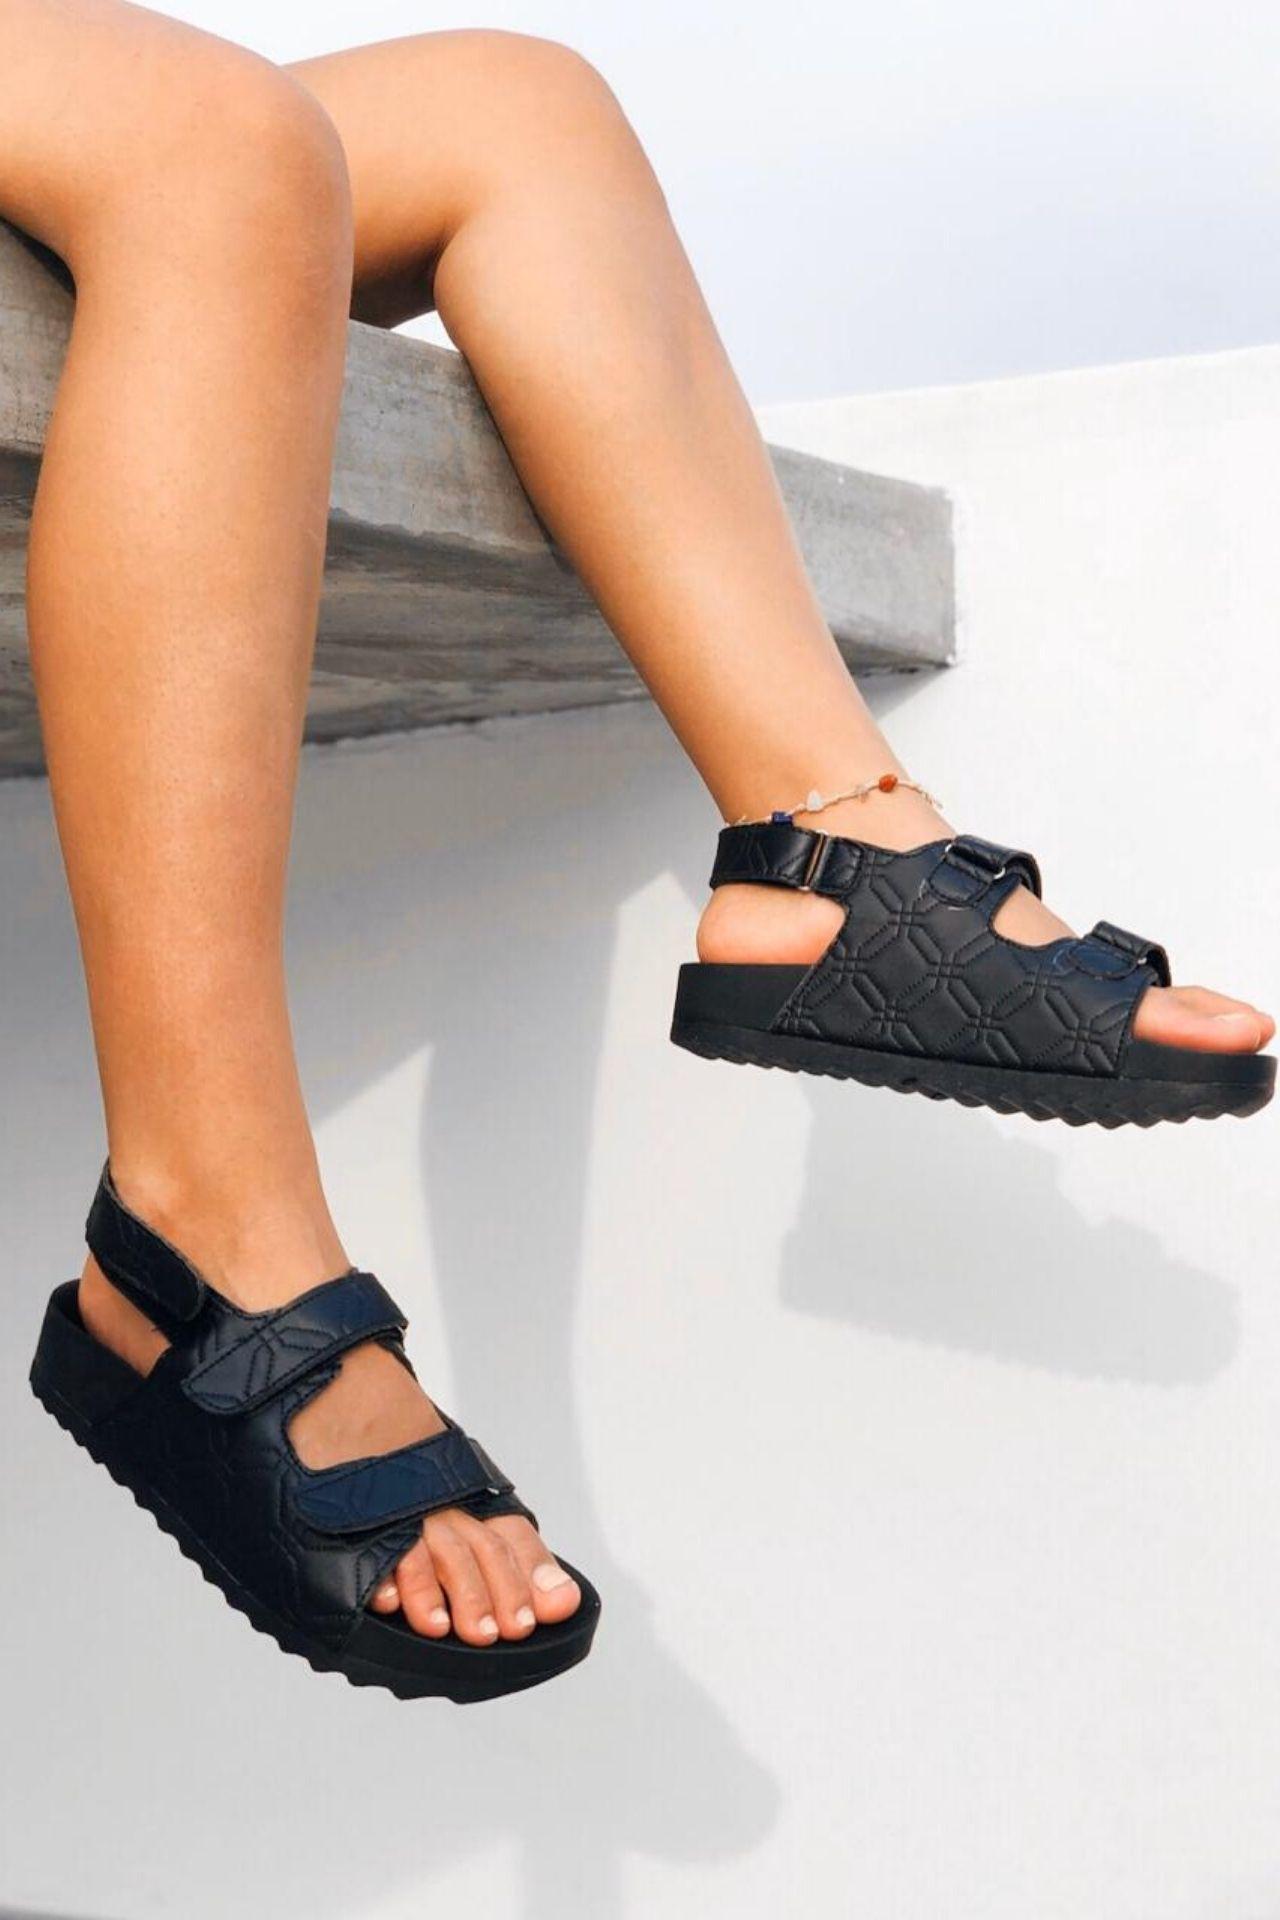 Sandalias de Bio Cuero.  Planta: plataforma expanso súper ligera,anti transpirable, alto de 3.5 cms.  Detalles: pegas pegas en capellada y tallón.  La horma es completa, es la talla que calzas en la mayoría de zapatos.